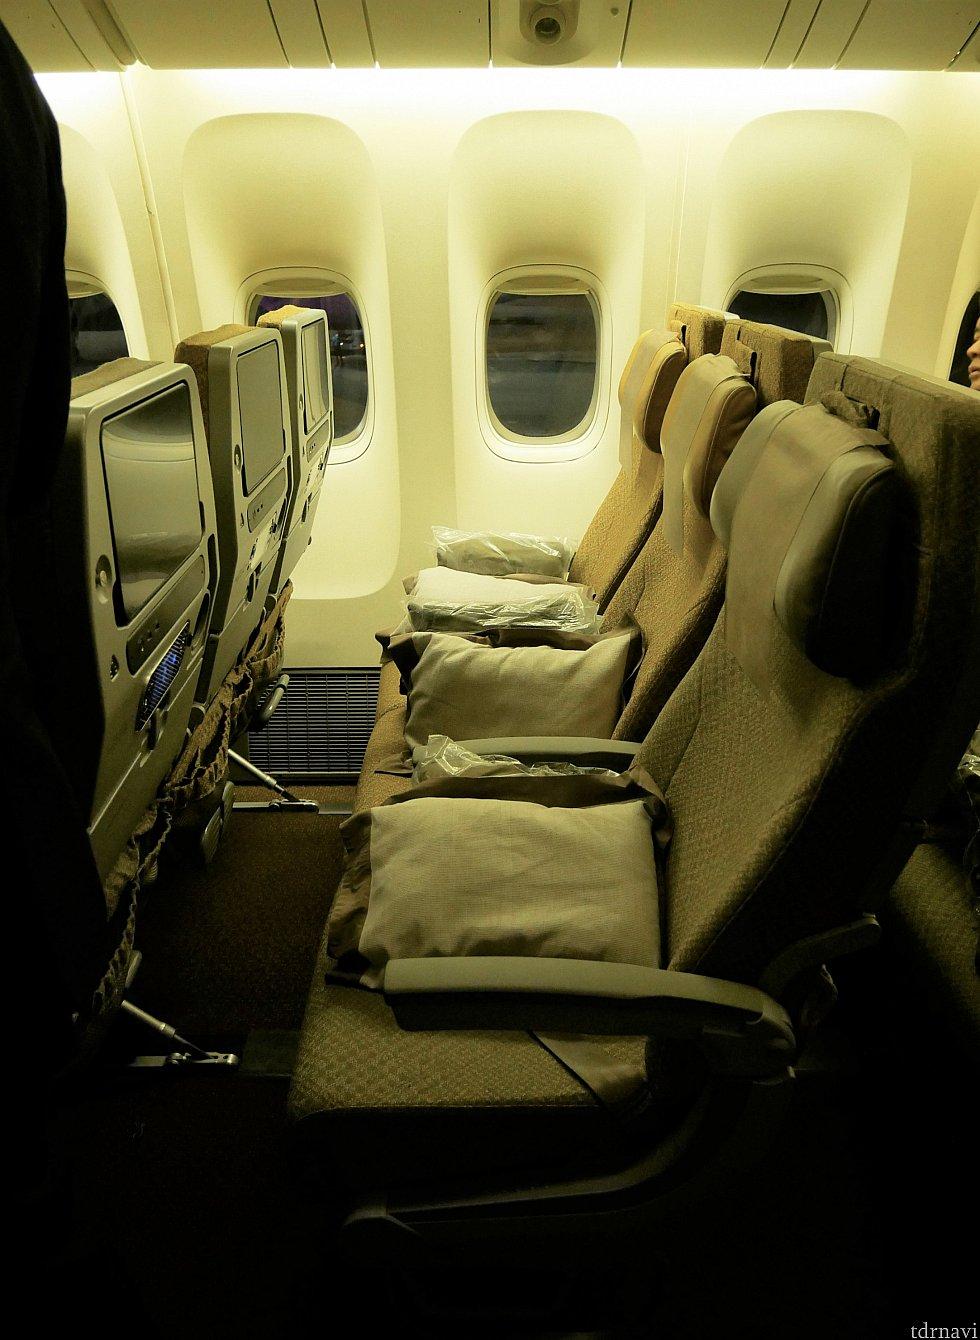 【往路】機体の席はこんな感じ。3-3-3の並びでした。